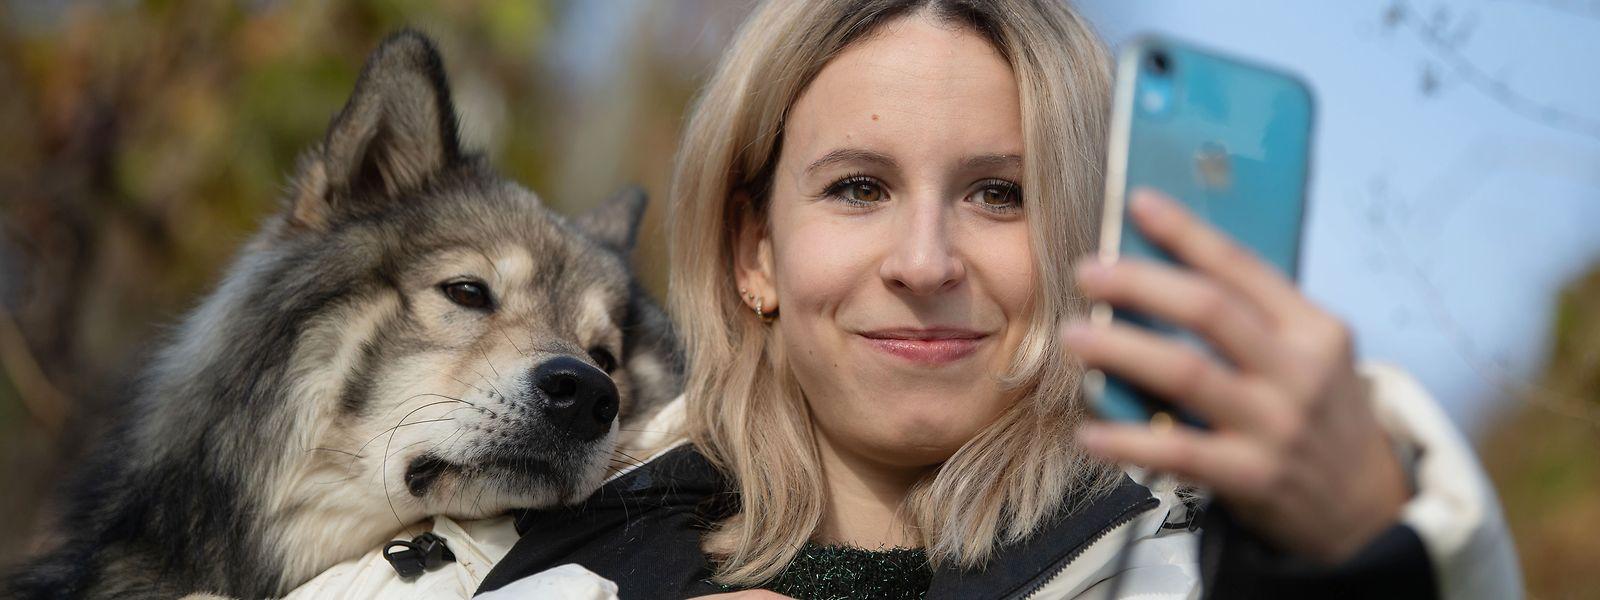 Nicole Lenhardt macht mit ihrem Wolfshund Milo in einem Weinberg ein Selfie. Mit Hilfe ihres Haustiers ist die Stuttgarterin über Internet-Plattformen so erfolgreich geworden, dass sie vor kurzem ihren Job aufgegeben und sich selbstständig gemacht hat.